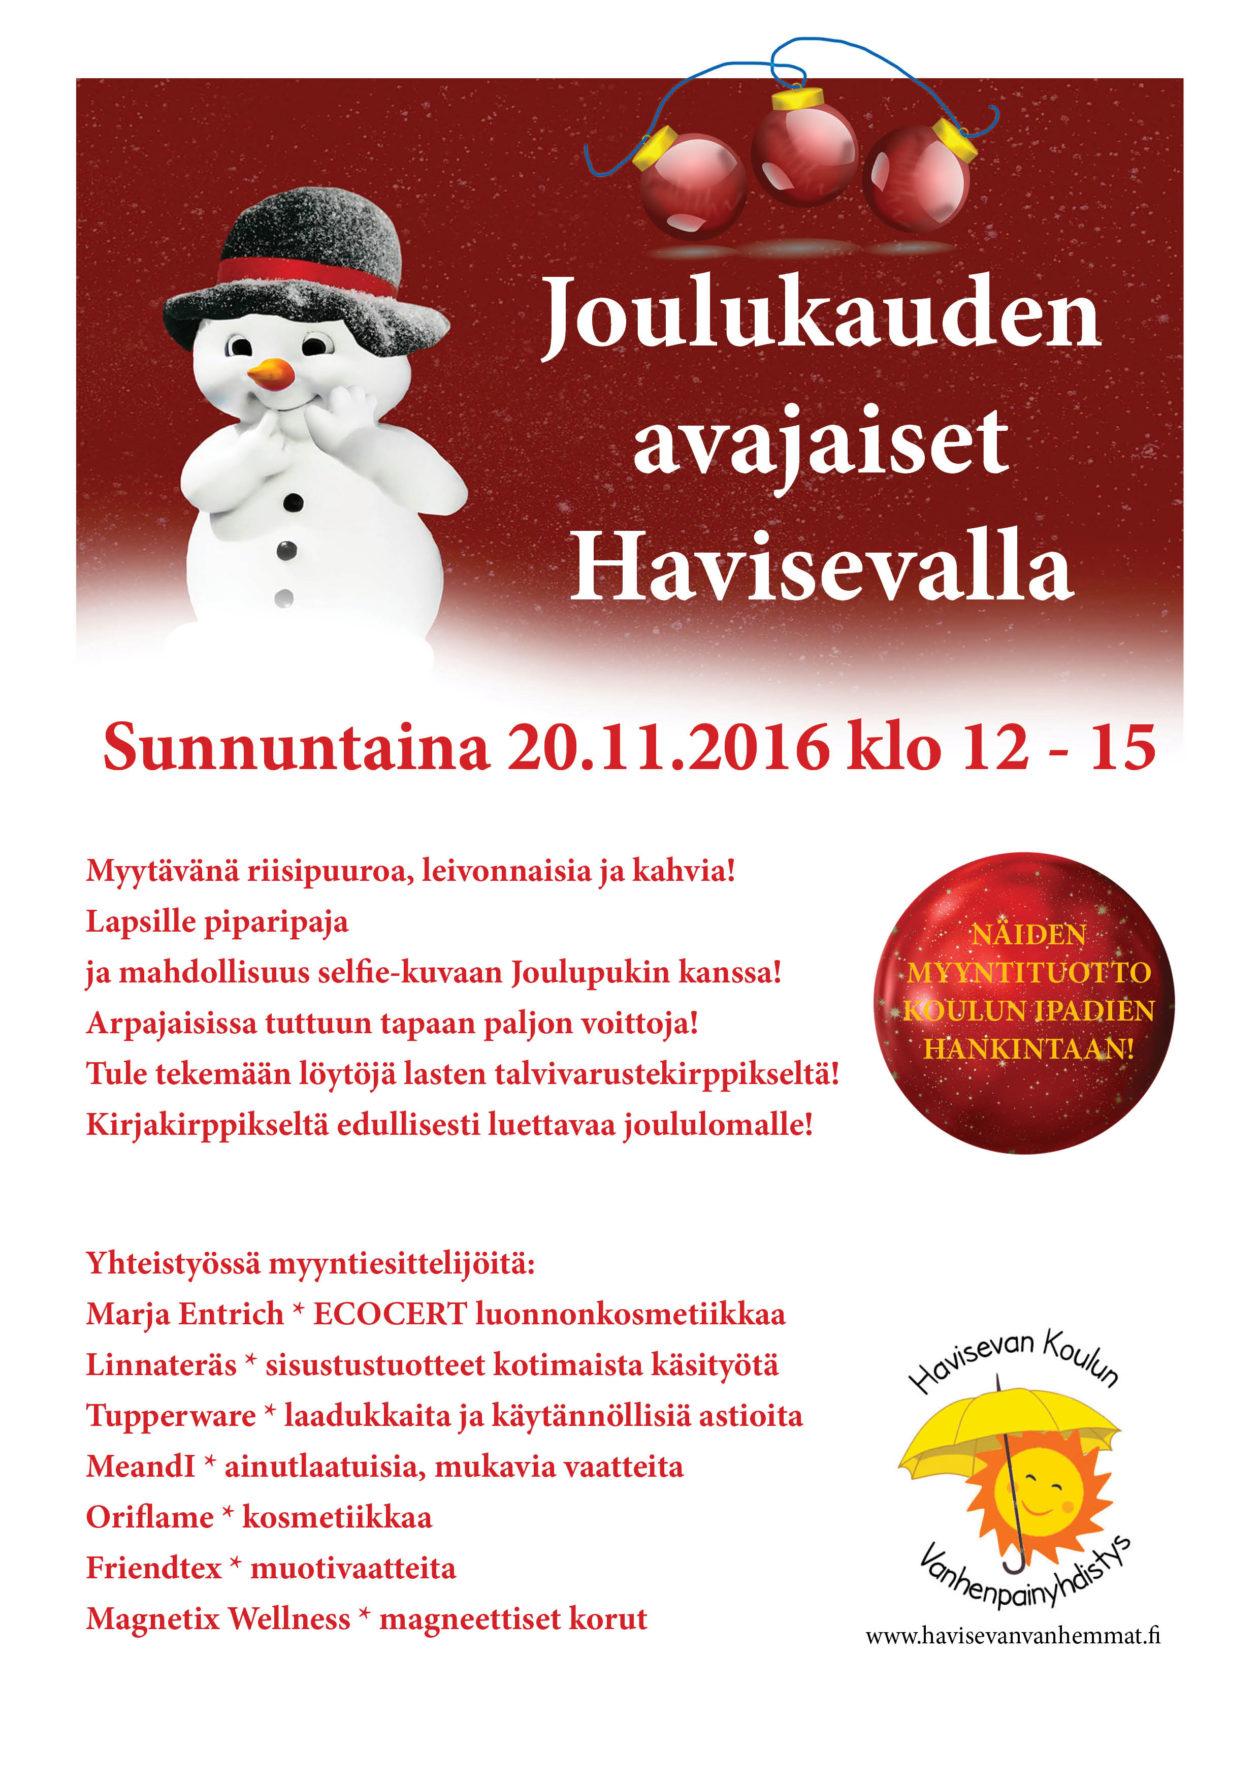 Joulukauden avajaiset 20.11.2016